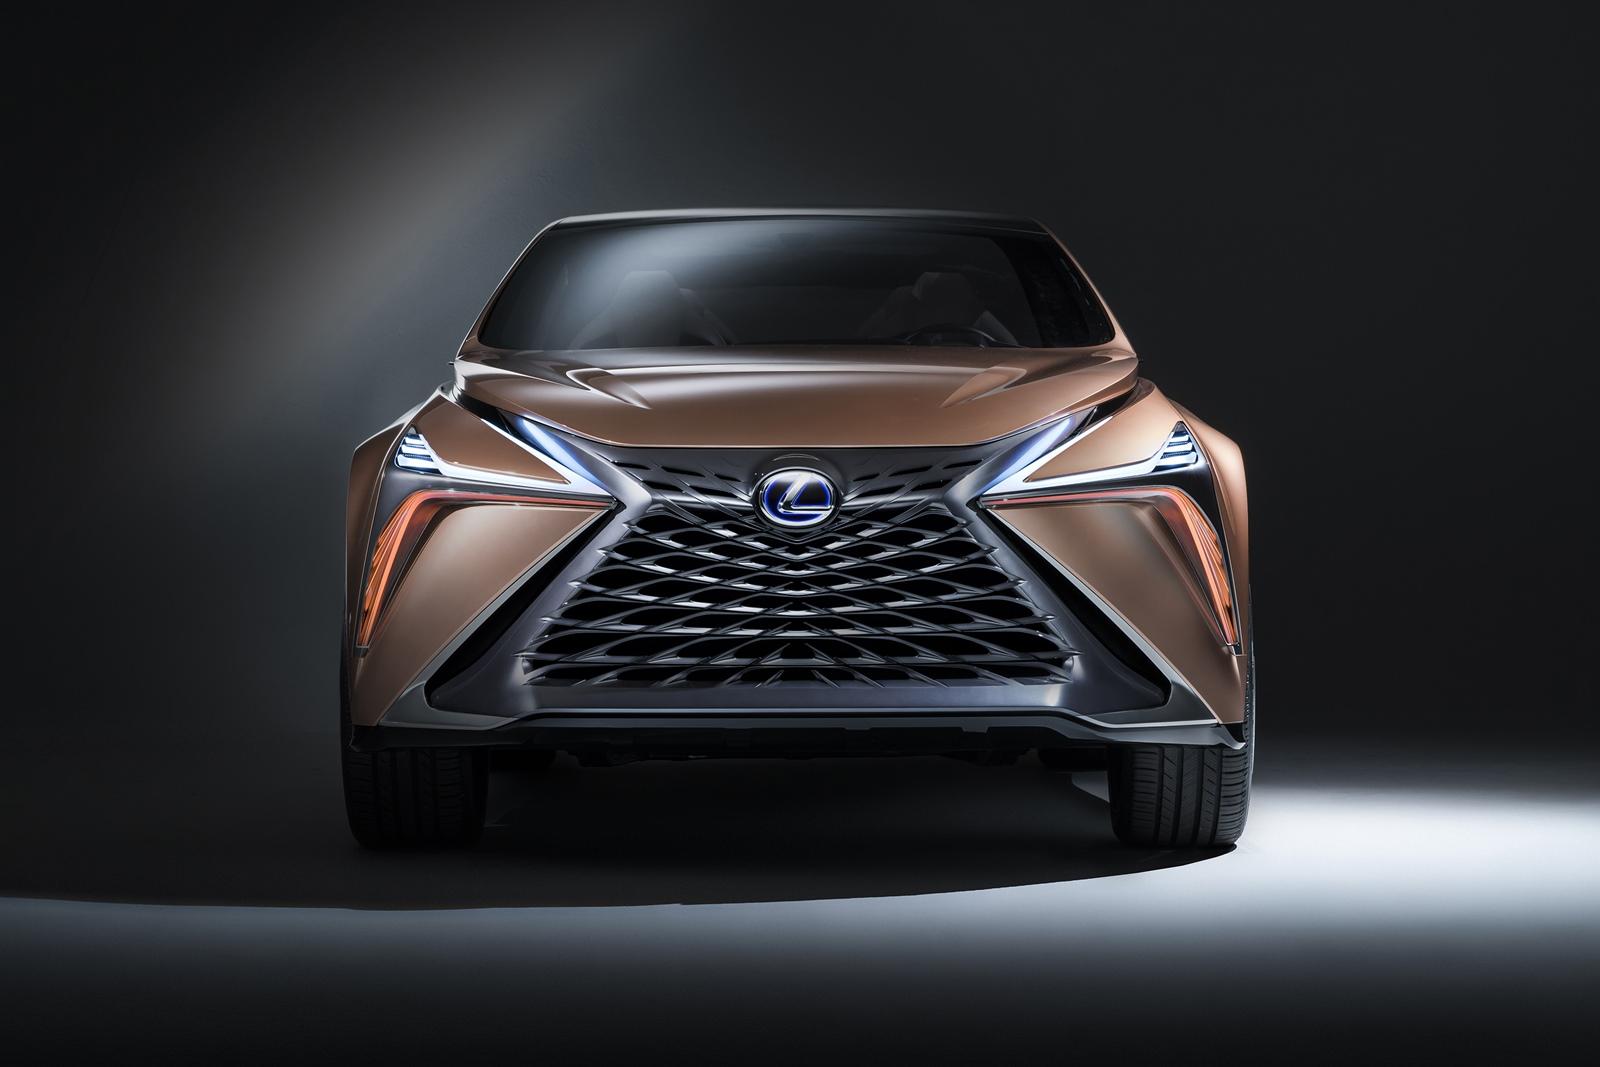 Lexus Lf 1 Concept Photo: James Lipman / Jameslipman.com